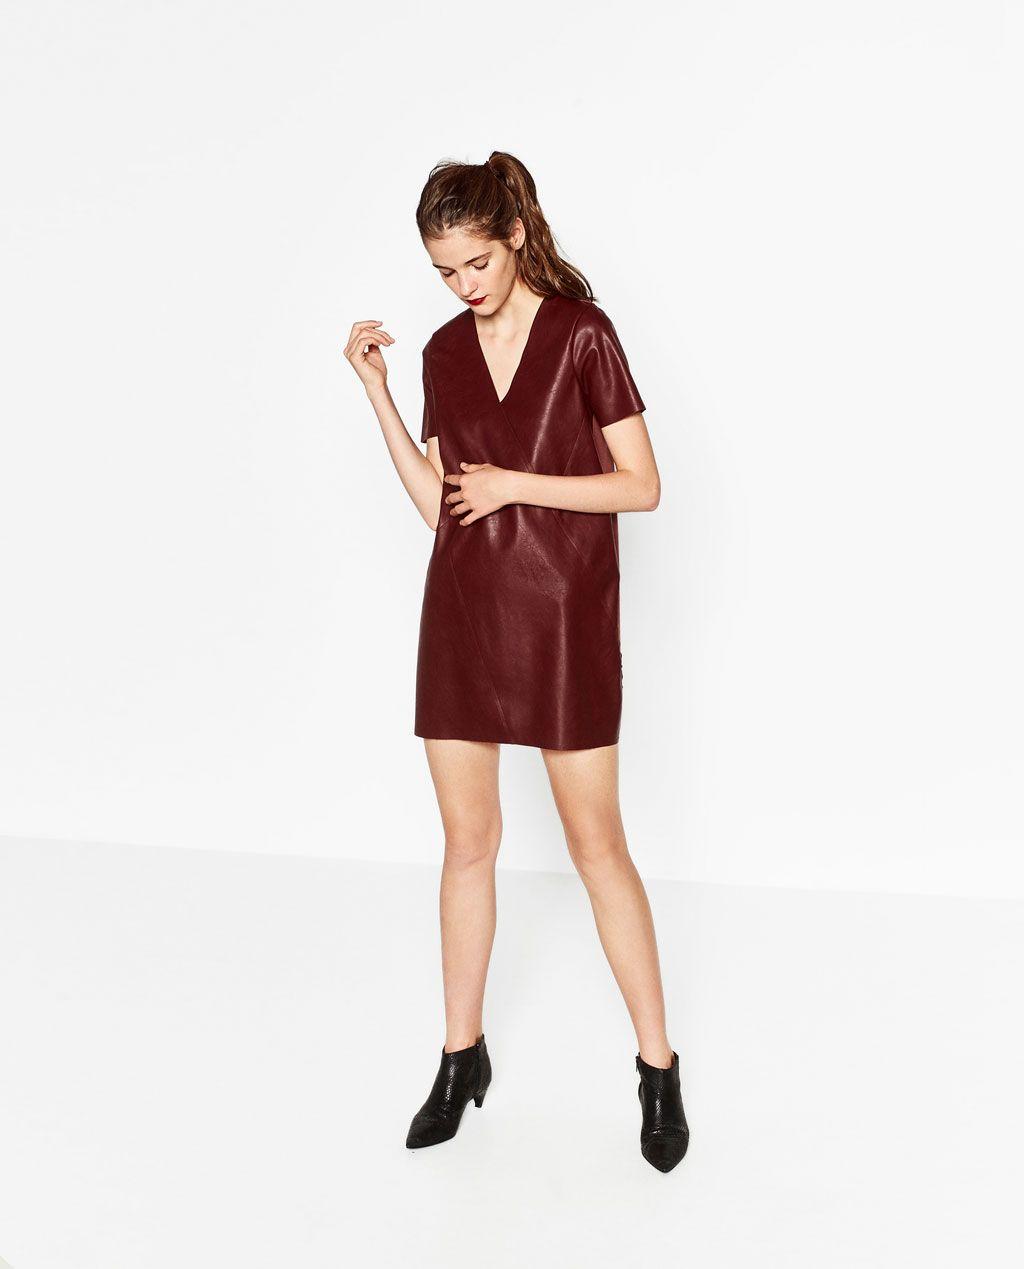 Tenue pour les invités - Guest outfit | Robes | Pinterest